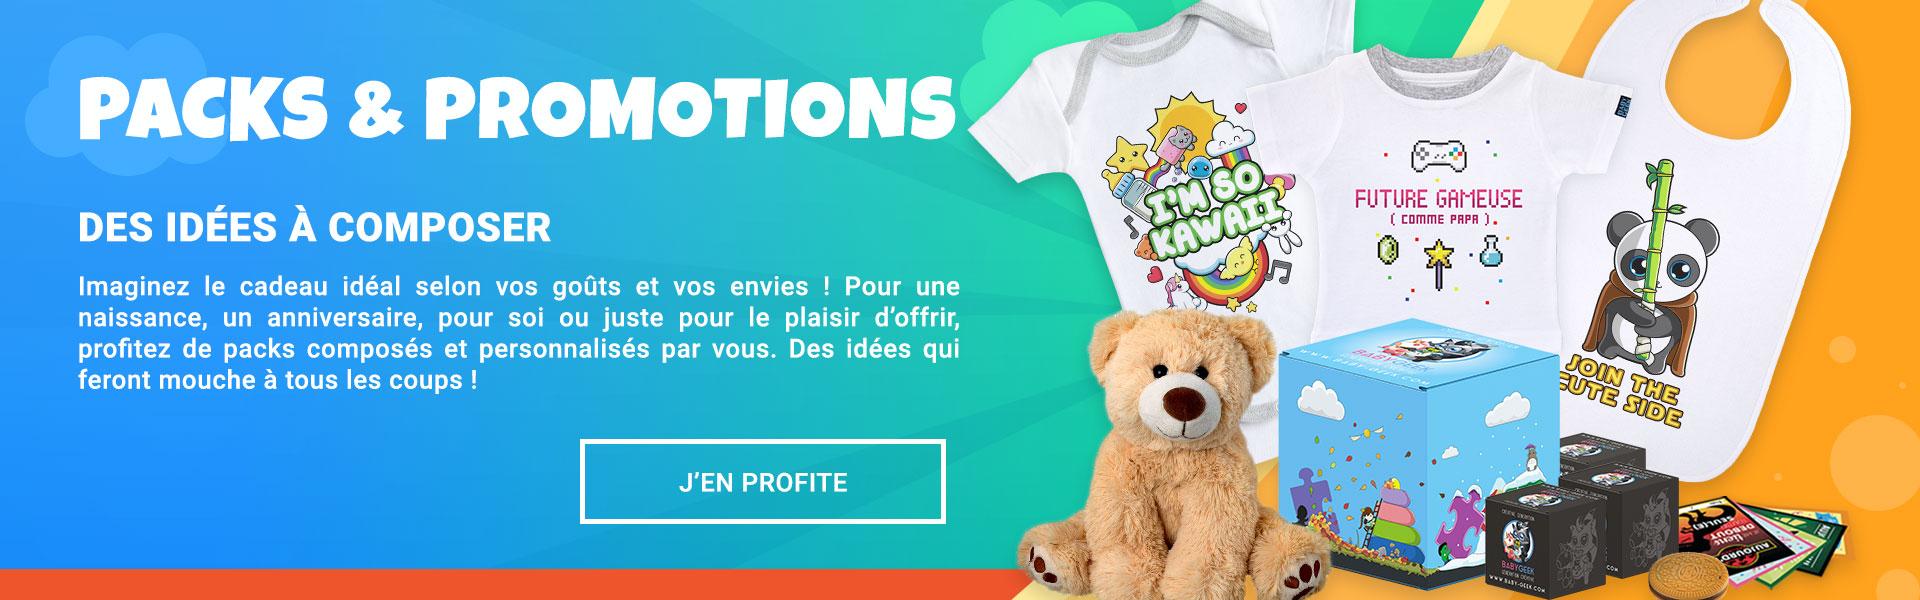 pack et promotions bébé title  0d66191fed1